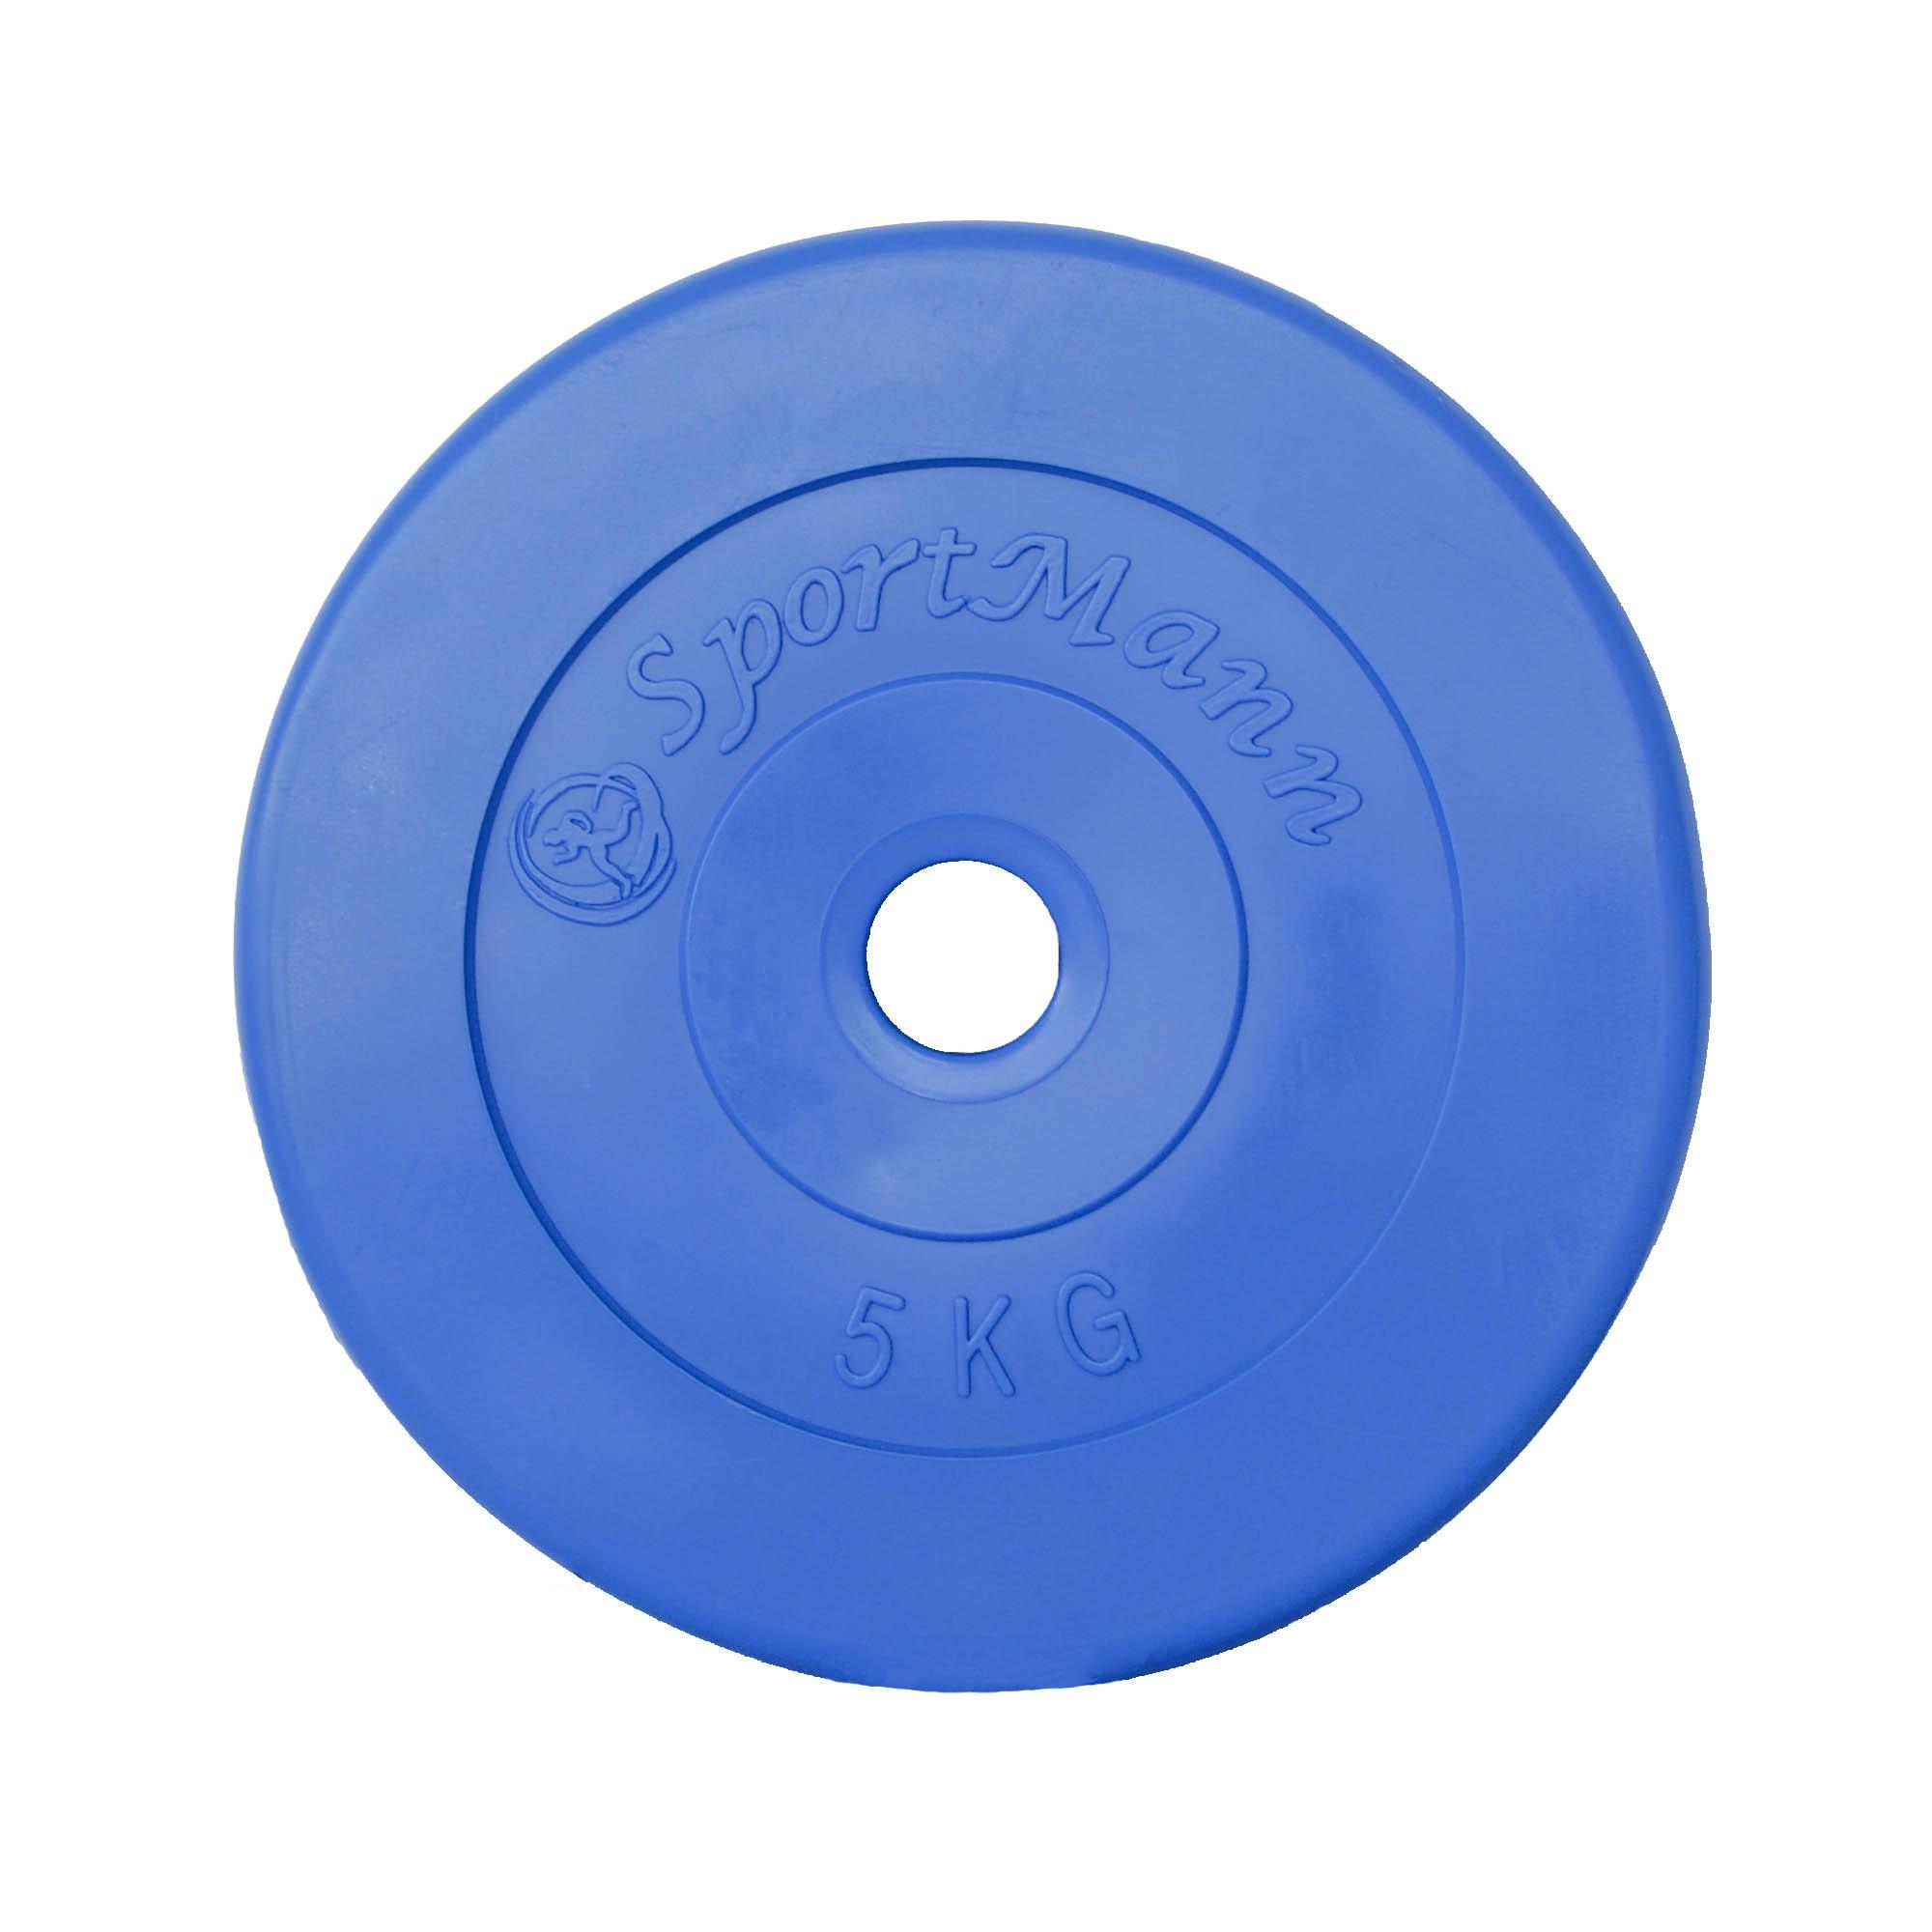 Disc 5kg, diametru 30mm, umplut cu ciment